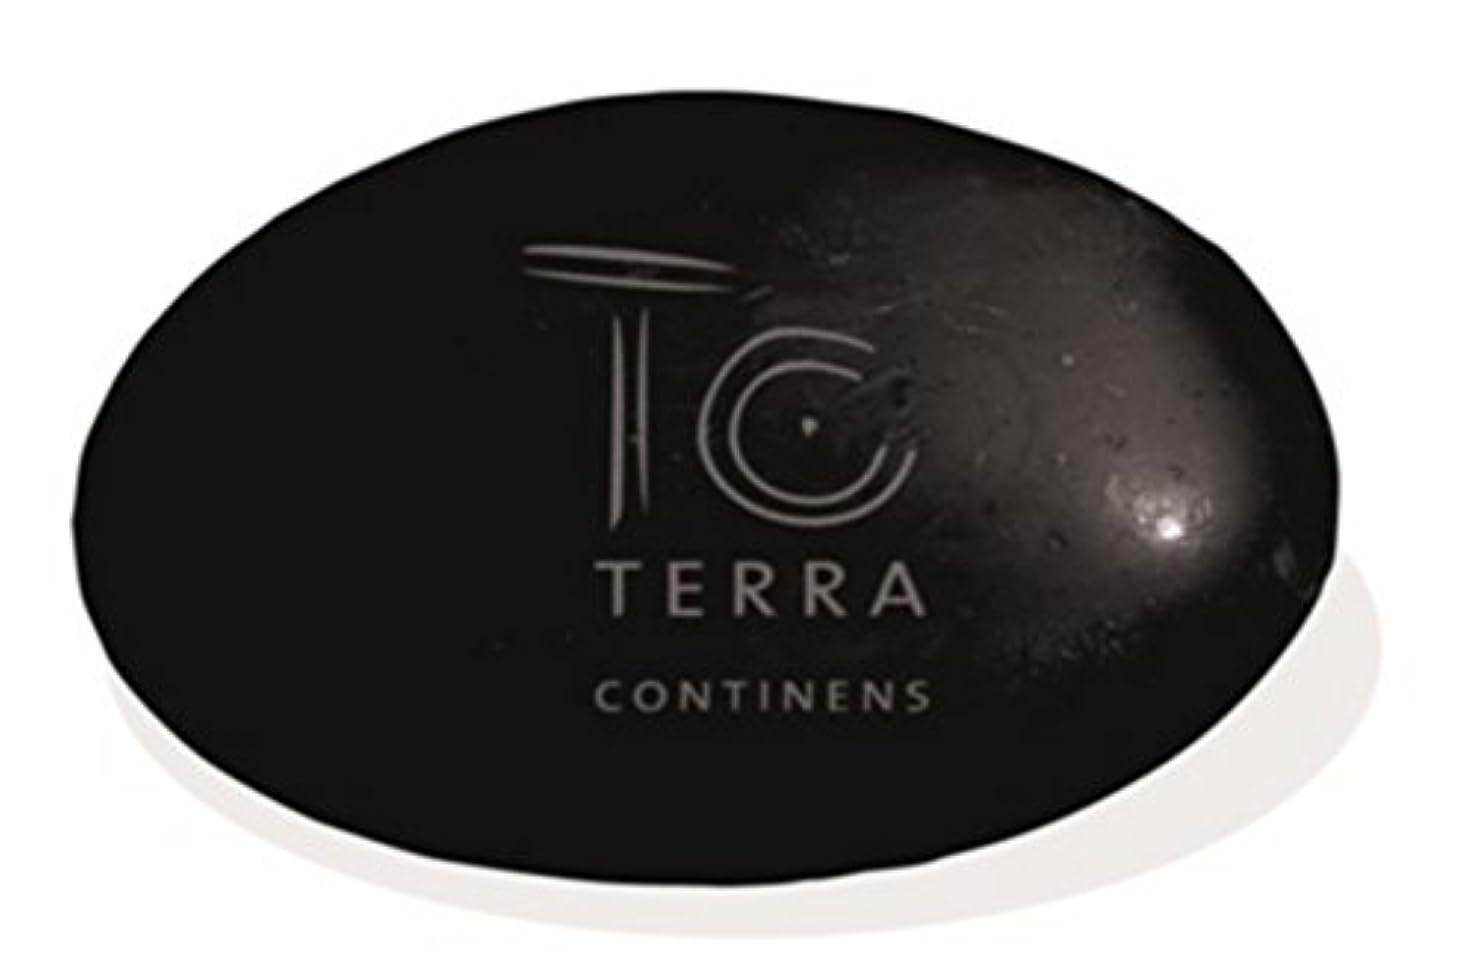 可愛いインフルエンザ安息TERRA CONTINENS(テラコンティナンス) ソープ 75g 「カナック」 3760067360024